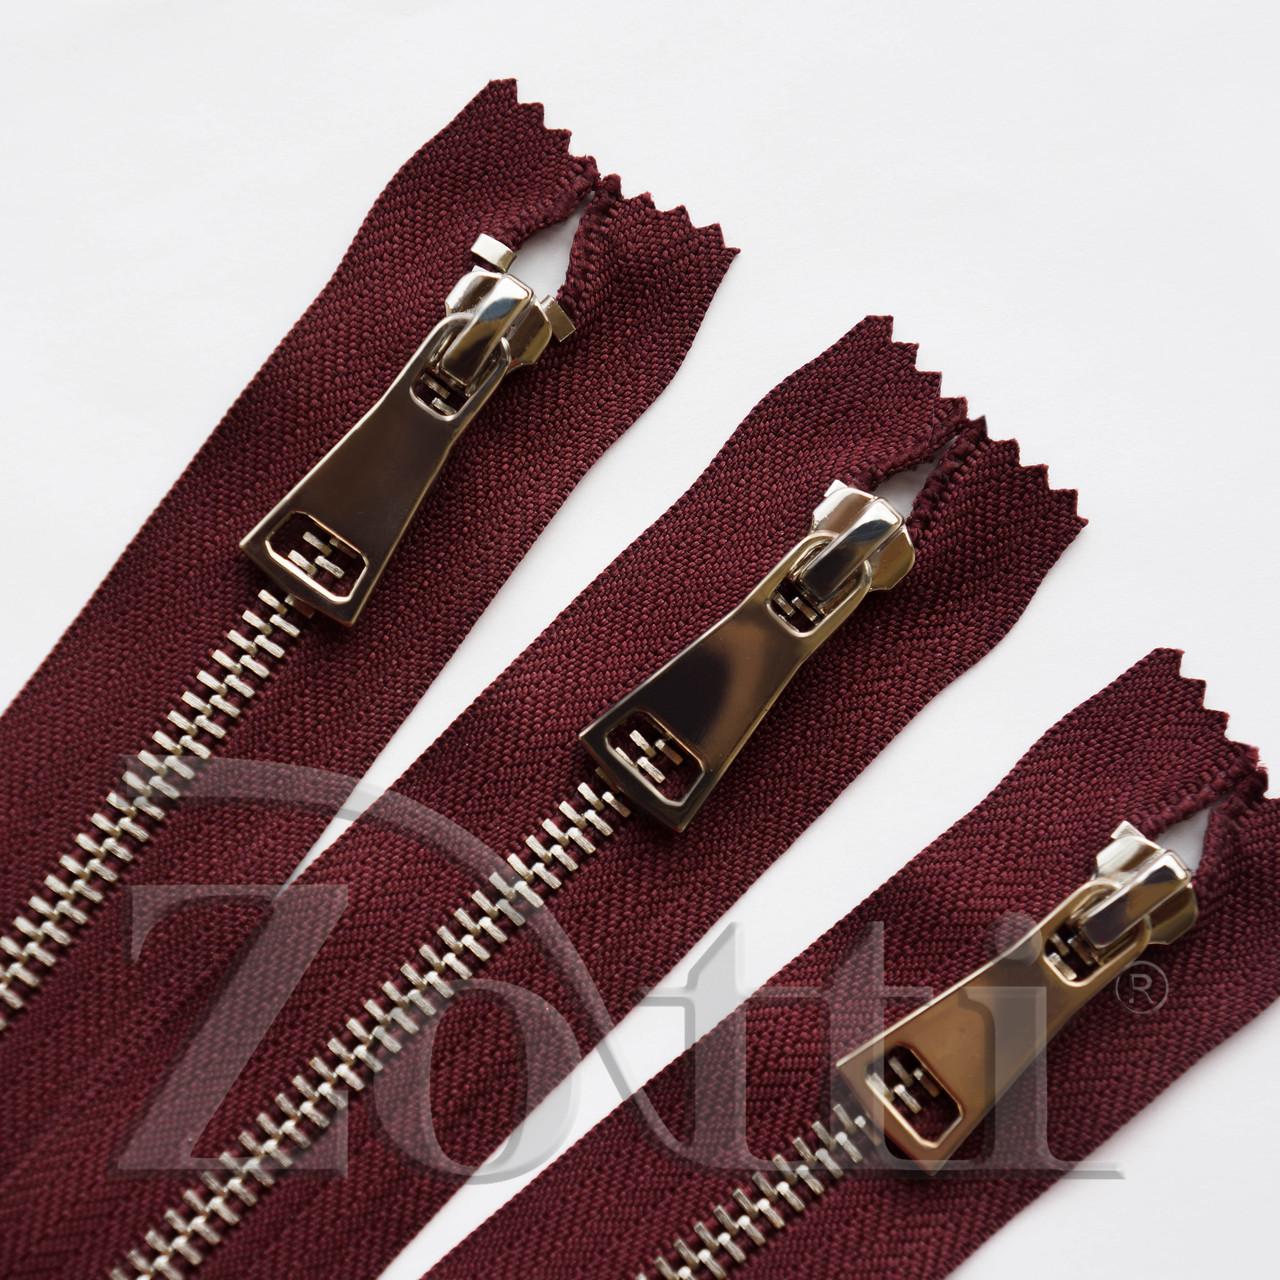 Молния (змейка,застежка) металлическая №5, размерная, обувная, бордовая, с серебряным бегунком № 115 - 45 см